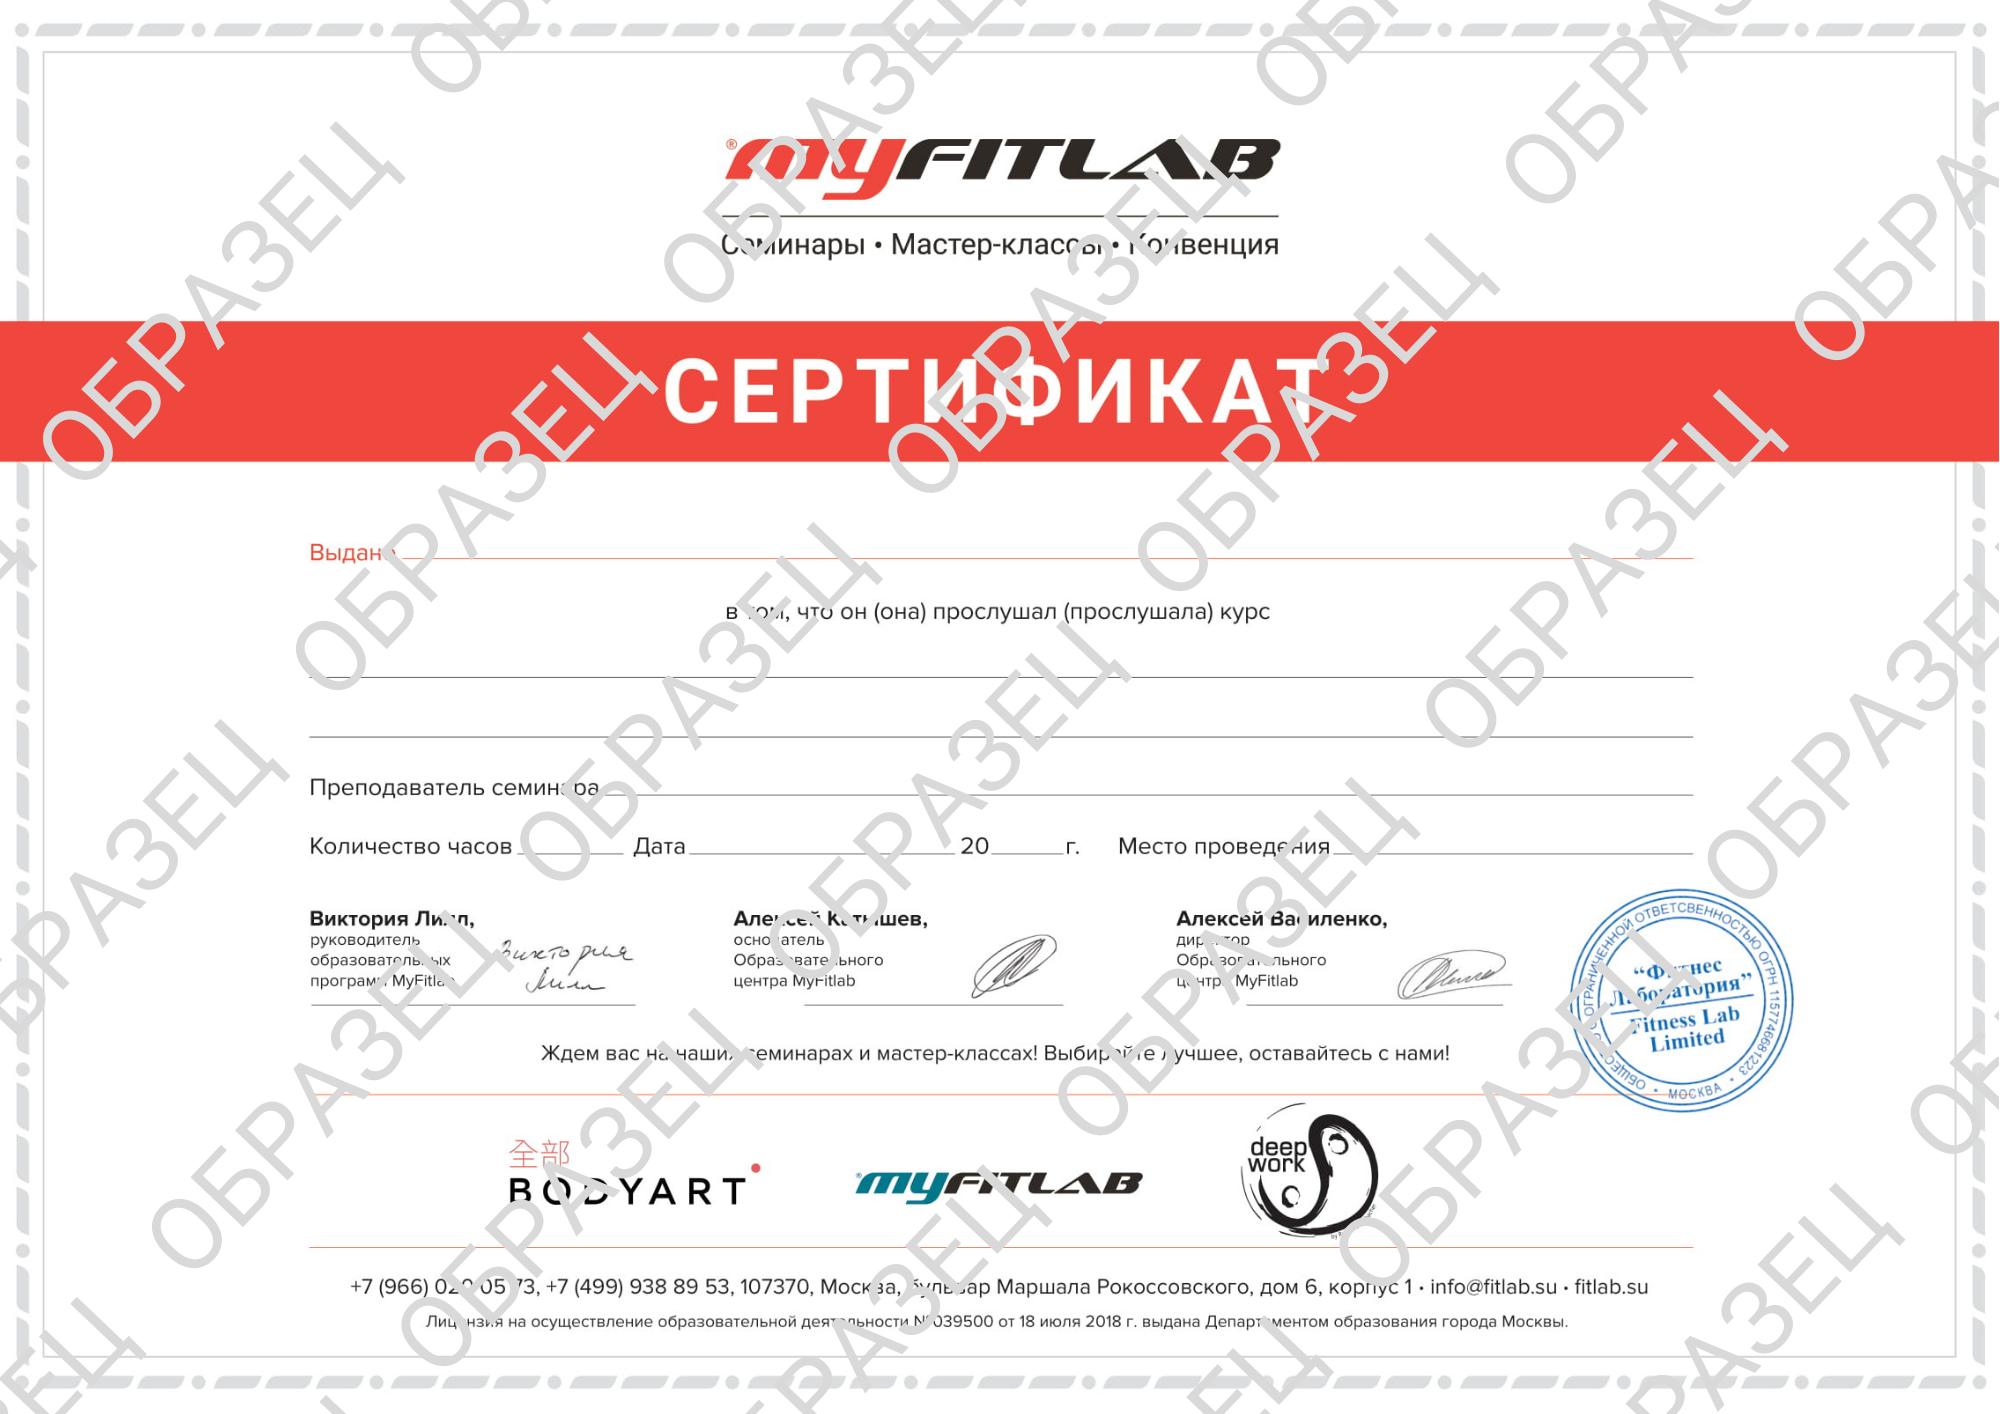 сертификат горизонтальный - Образец для сайта